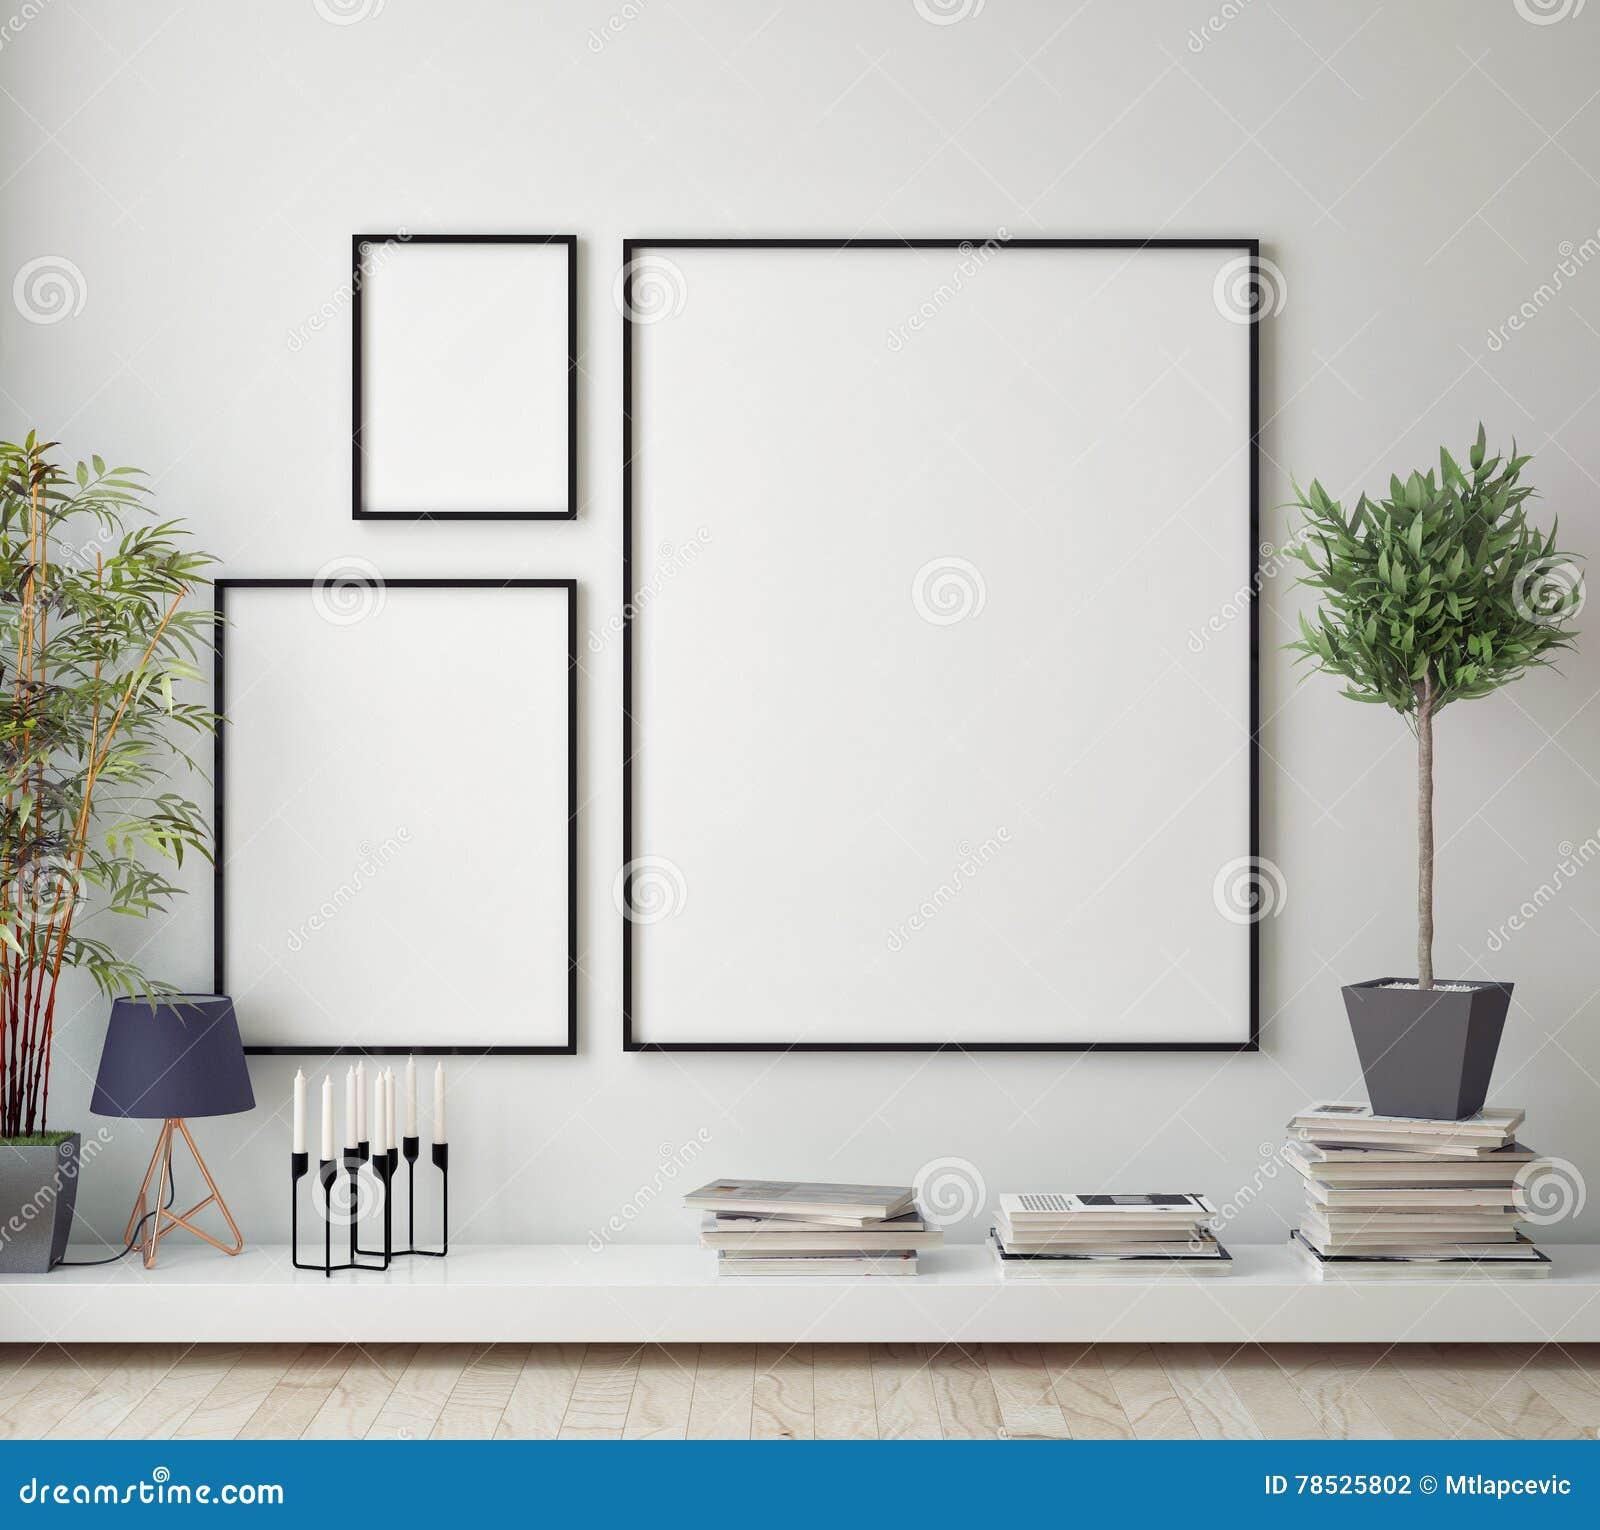 Imite encima de marco del cartel en el sitio del inconformista, fondo interior del estilo escandinavo,